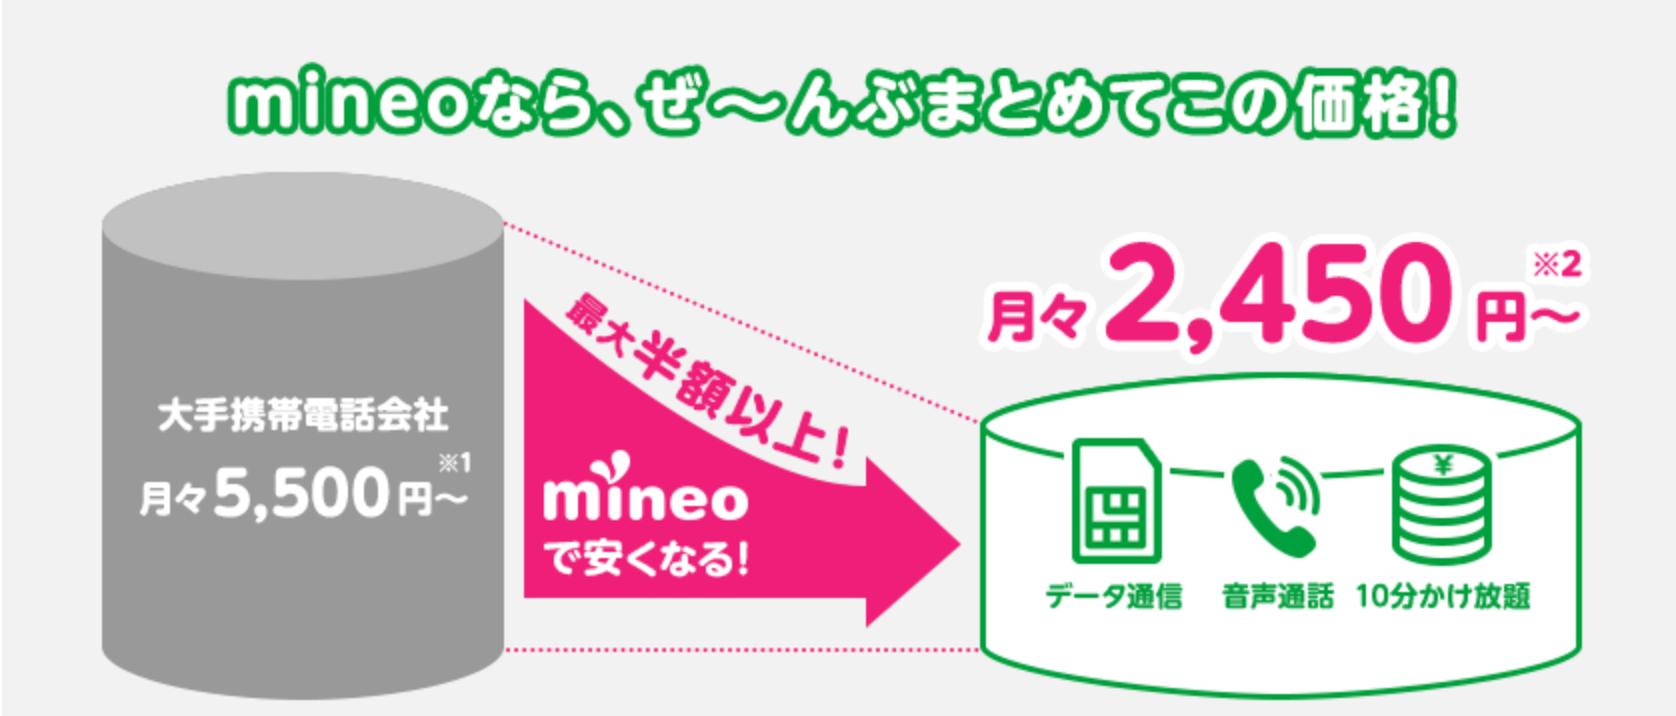 mineoのメリット:料金が安くなる